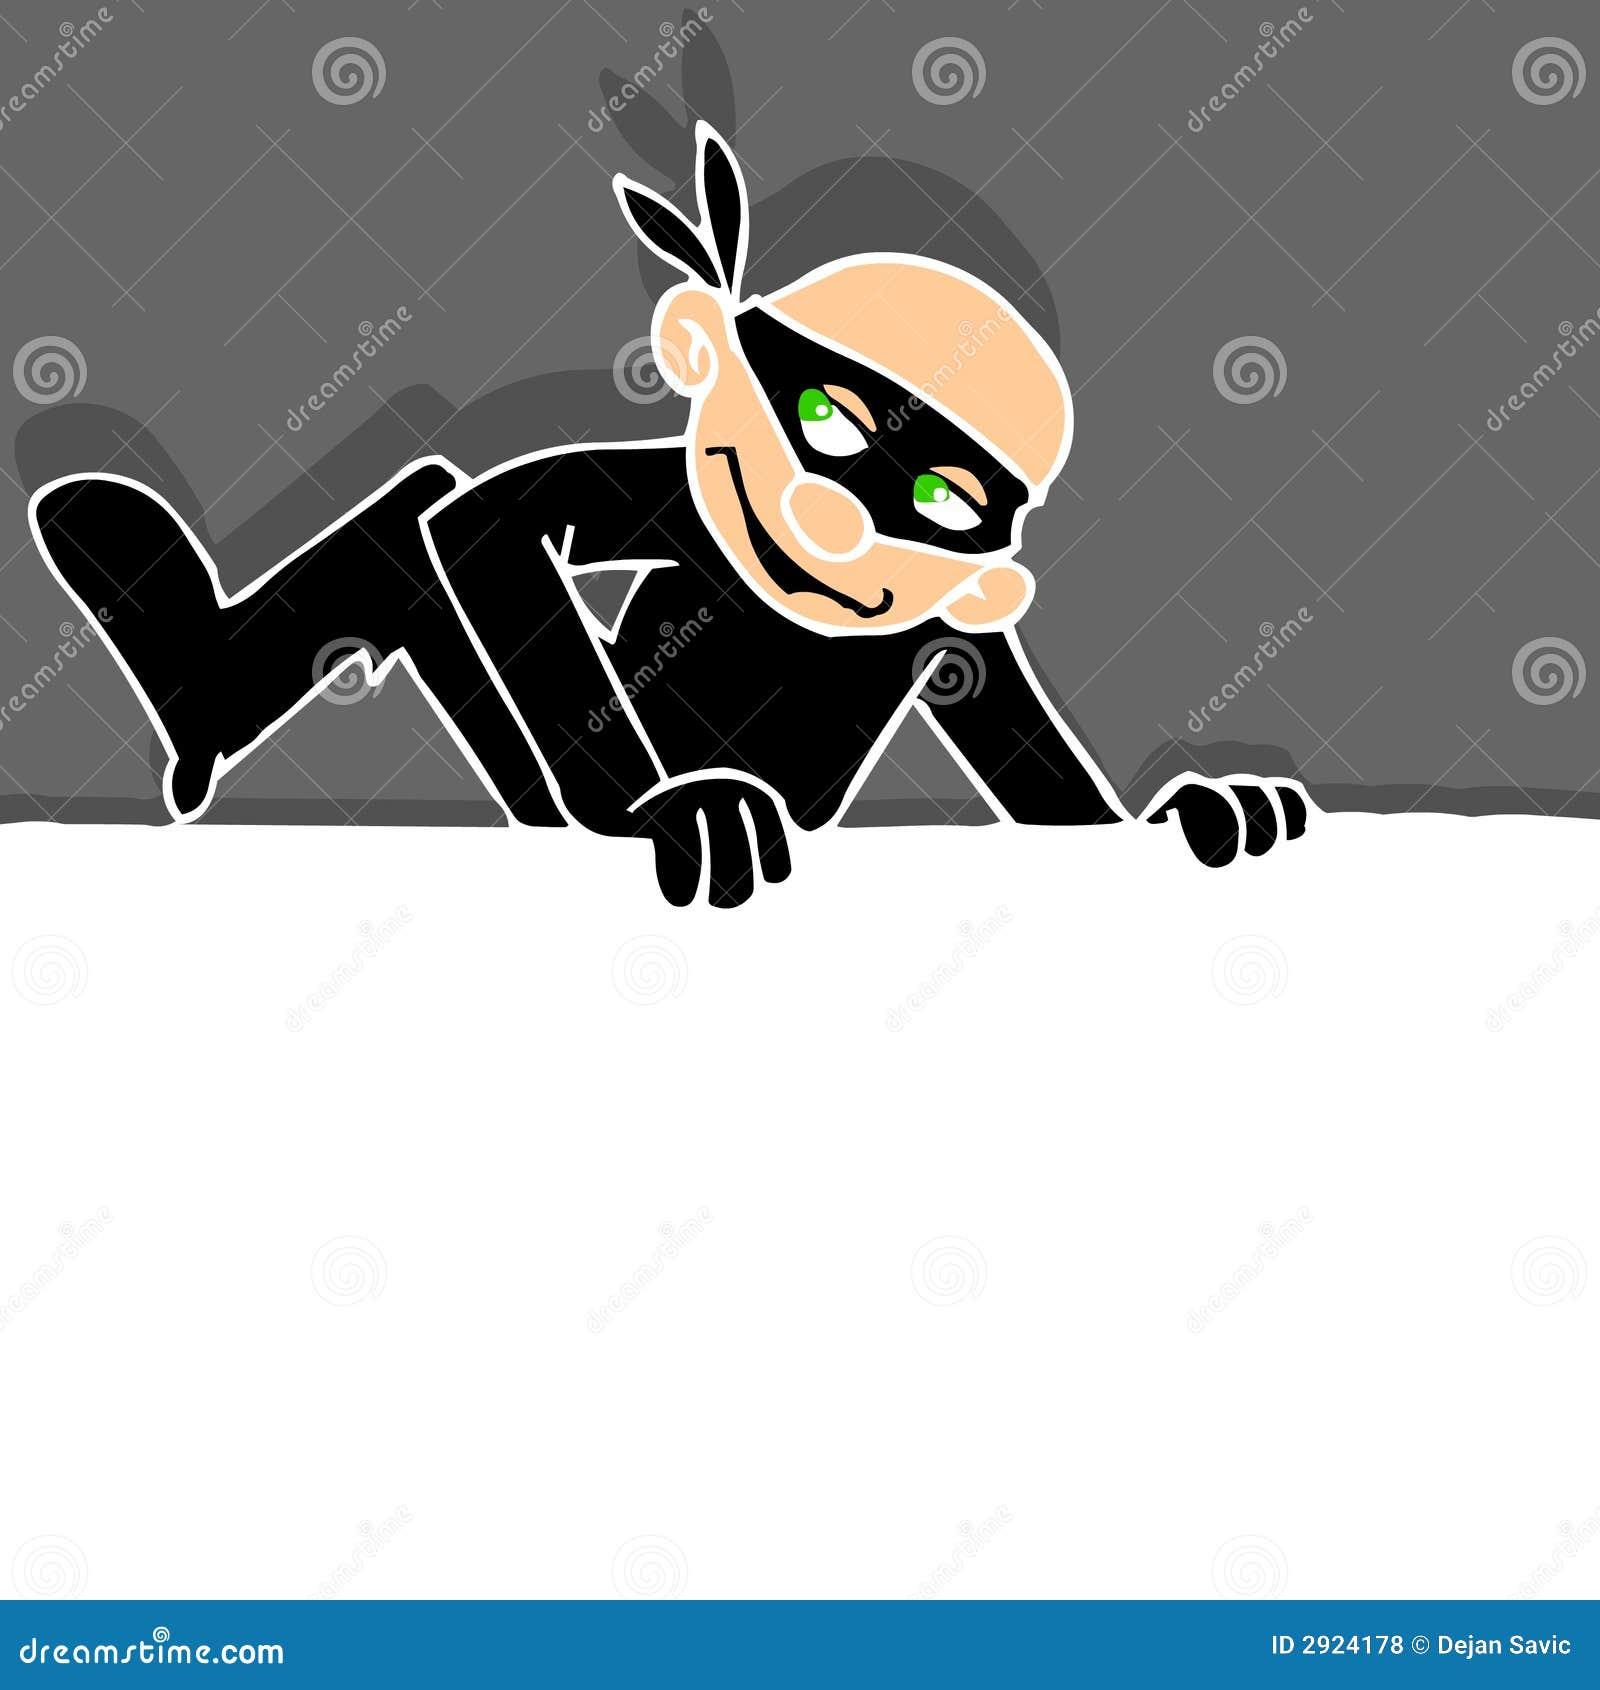 a thief